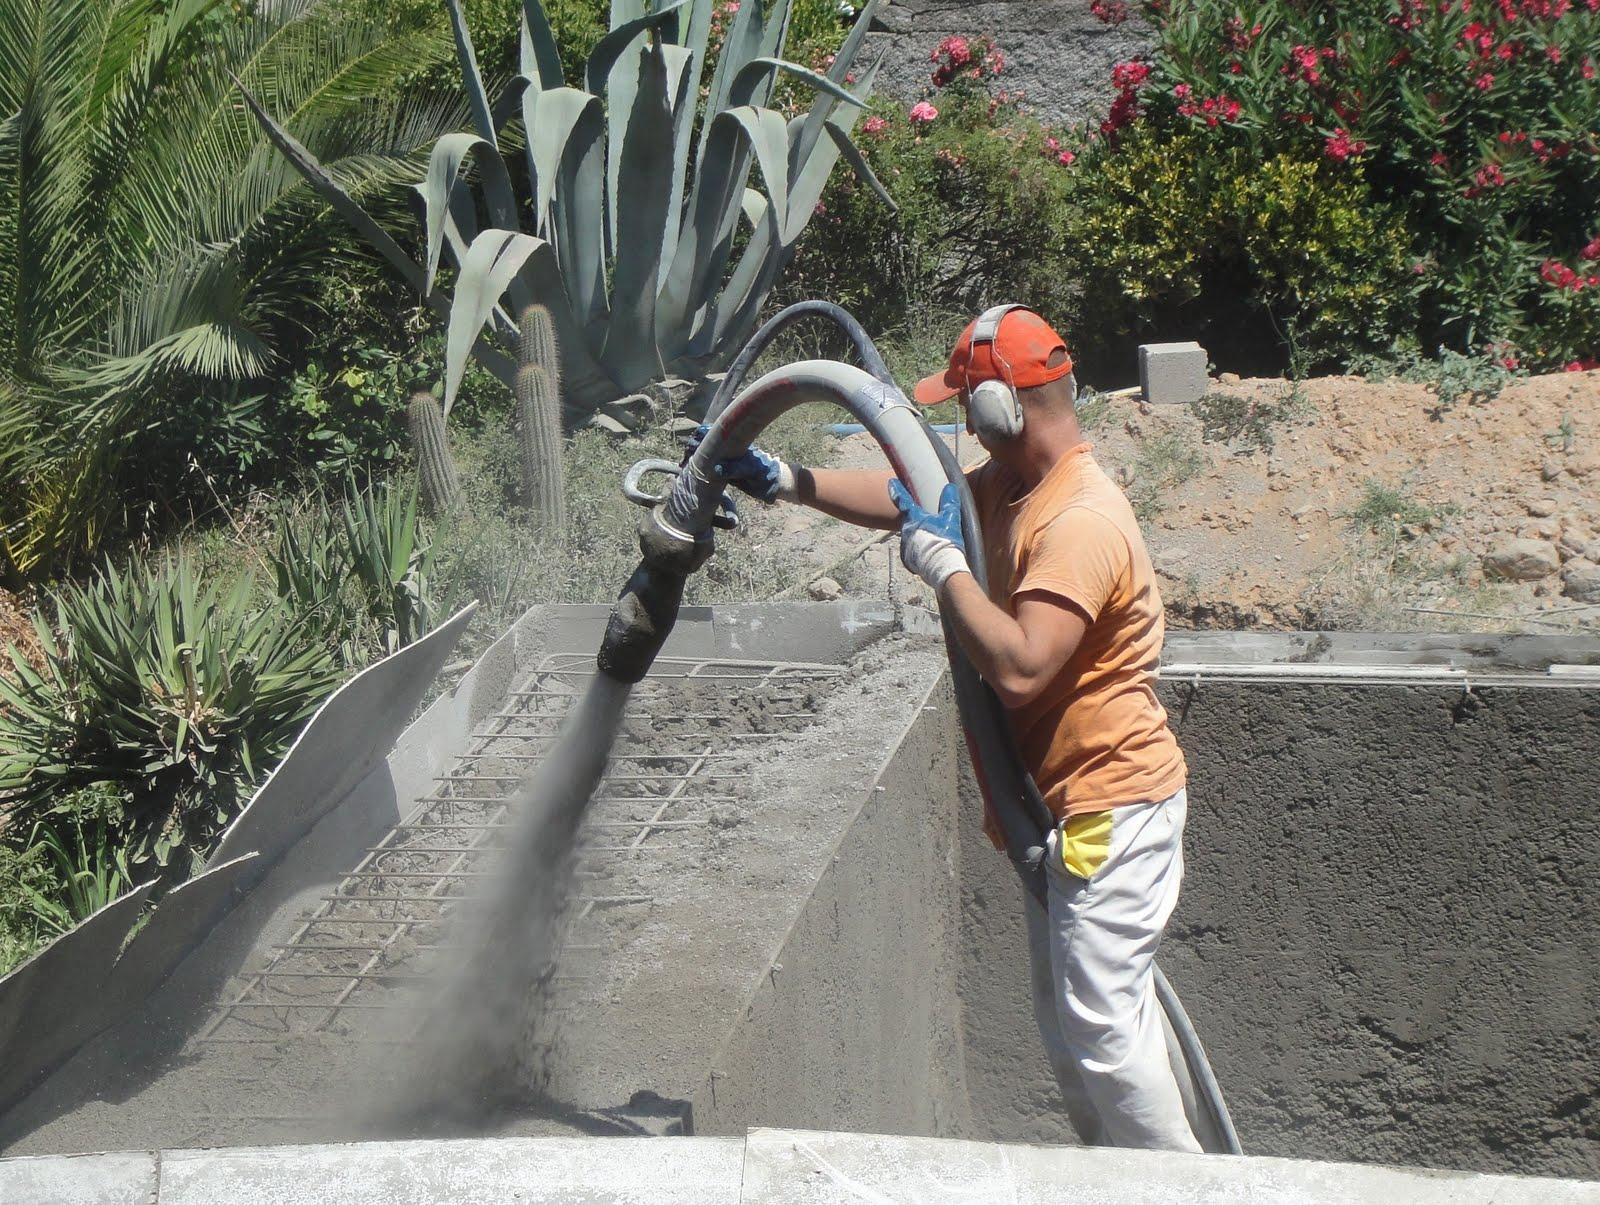 Piscine brute construction piscine diffazur for Construction piscine diffazur